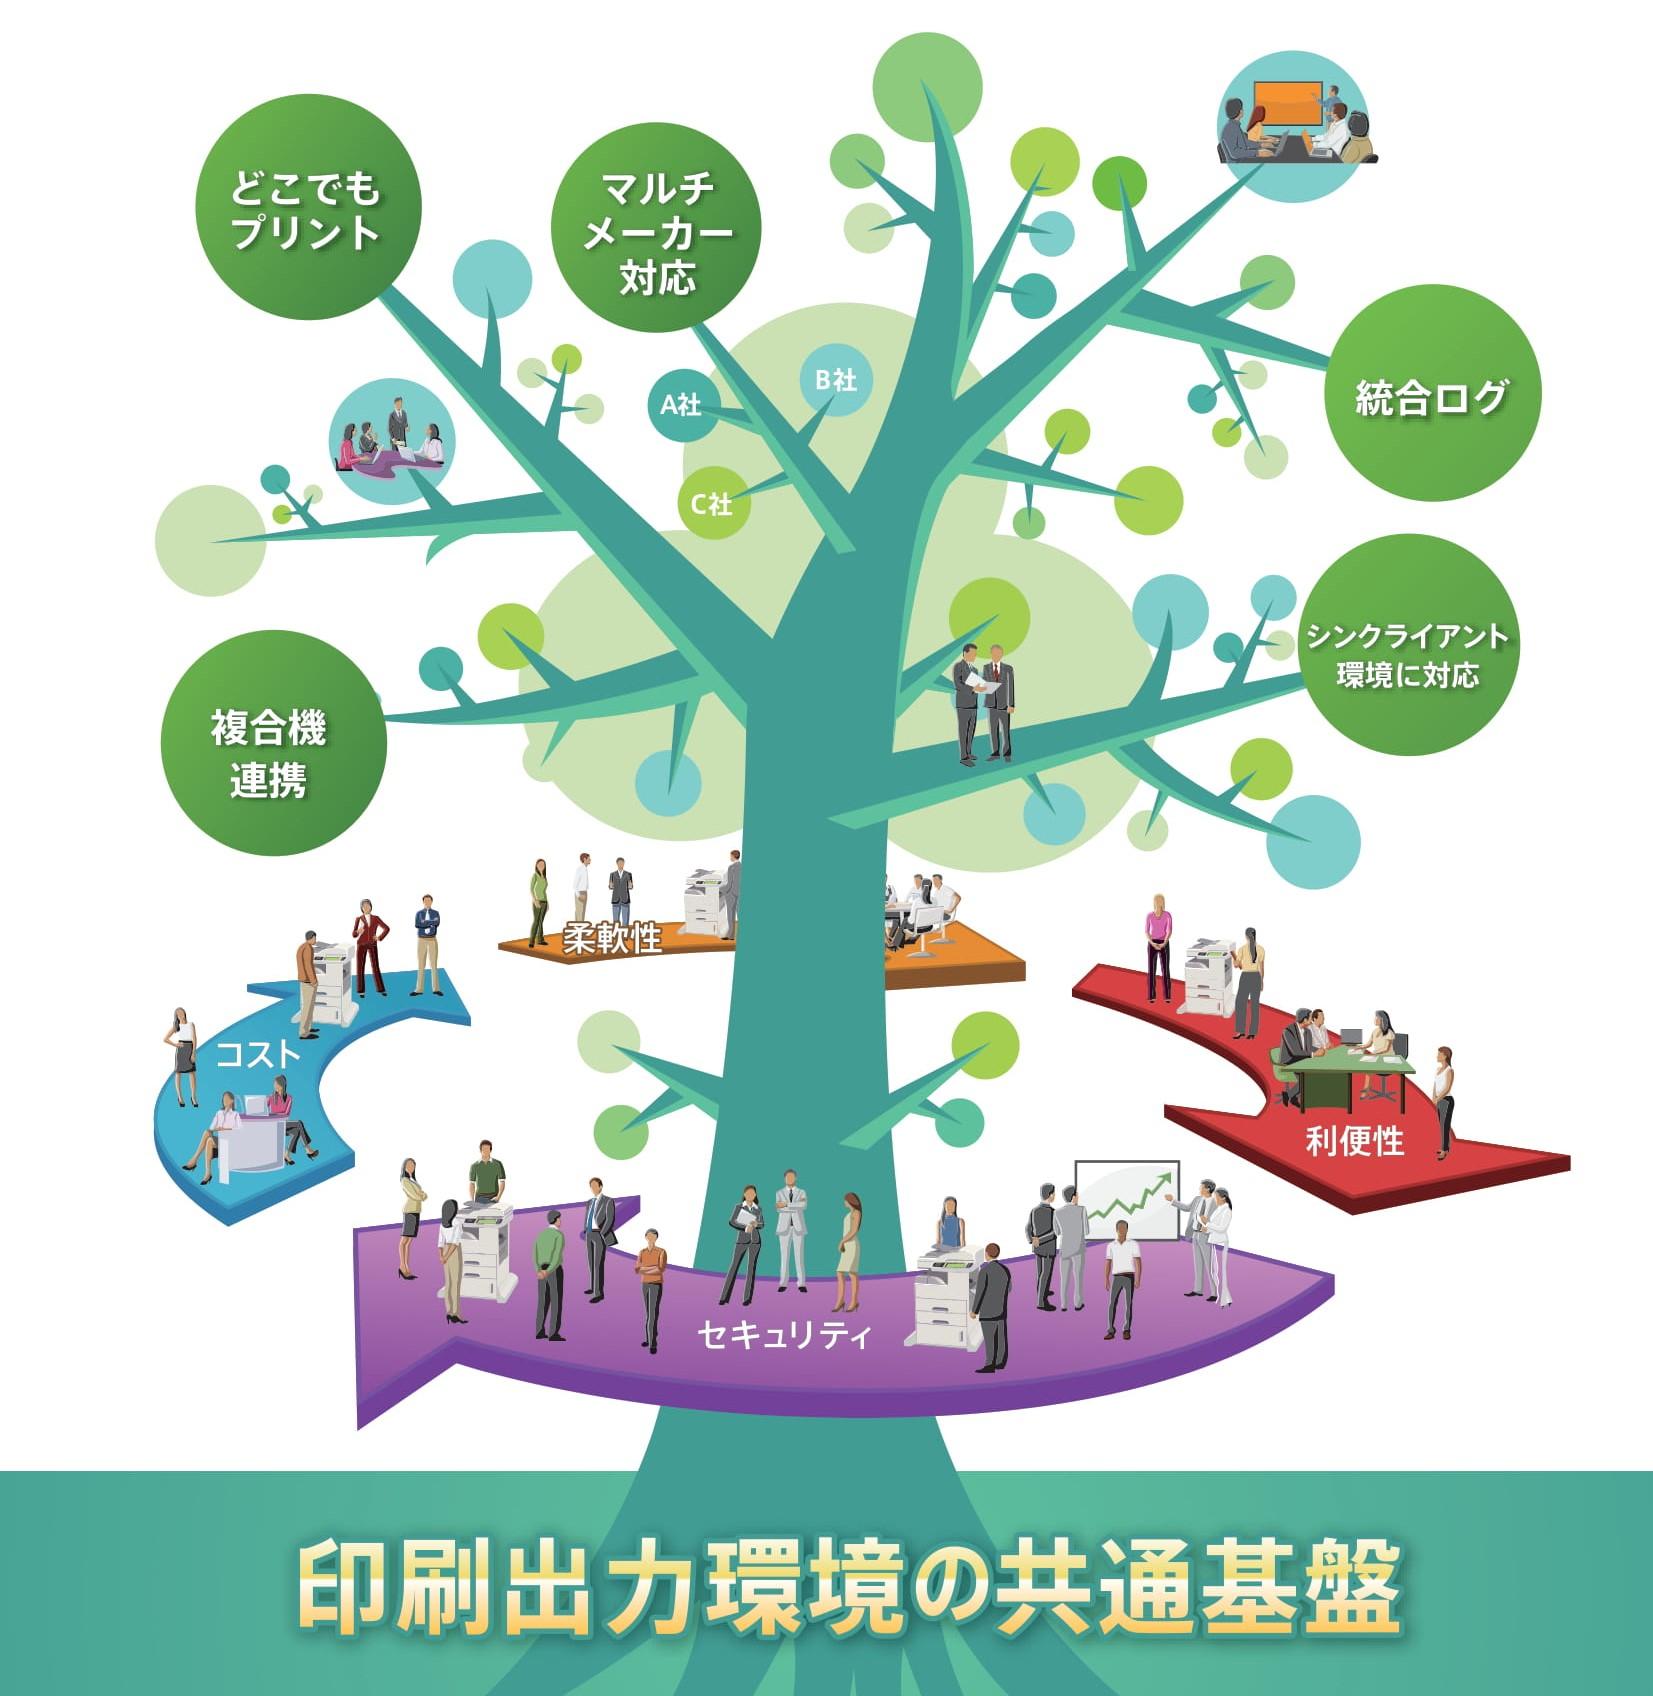 印刷出力環境の共通基盤イメージ図